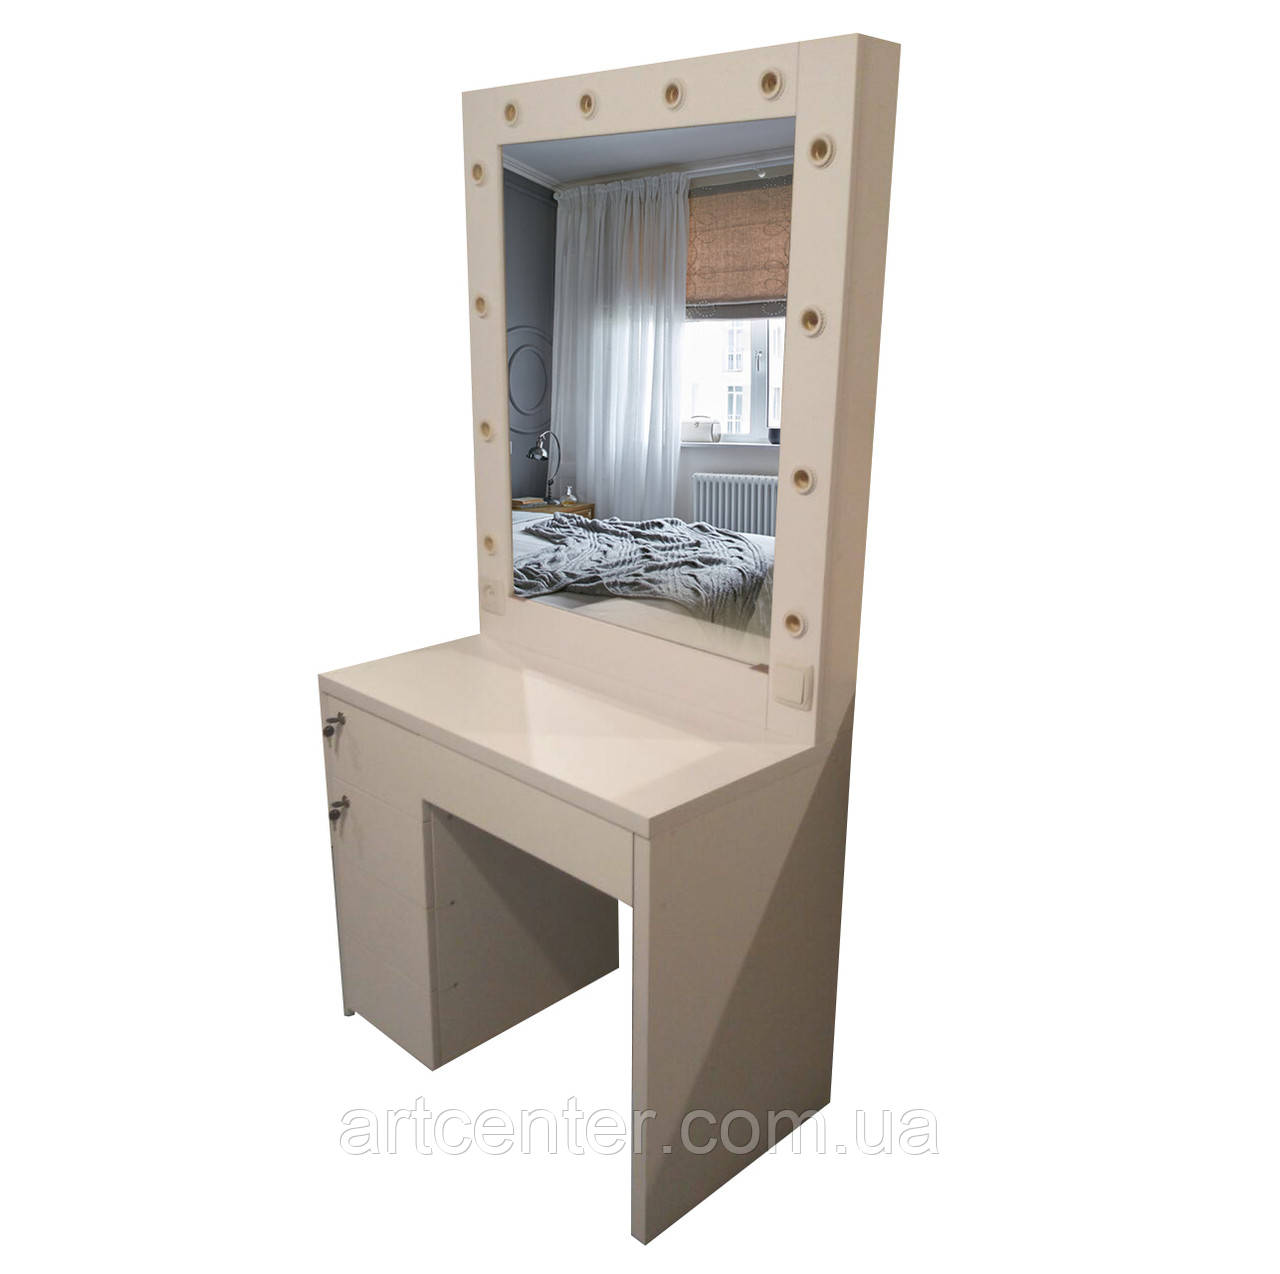 Стол визажный с системой push-to-open